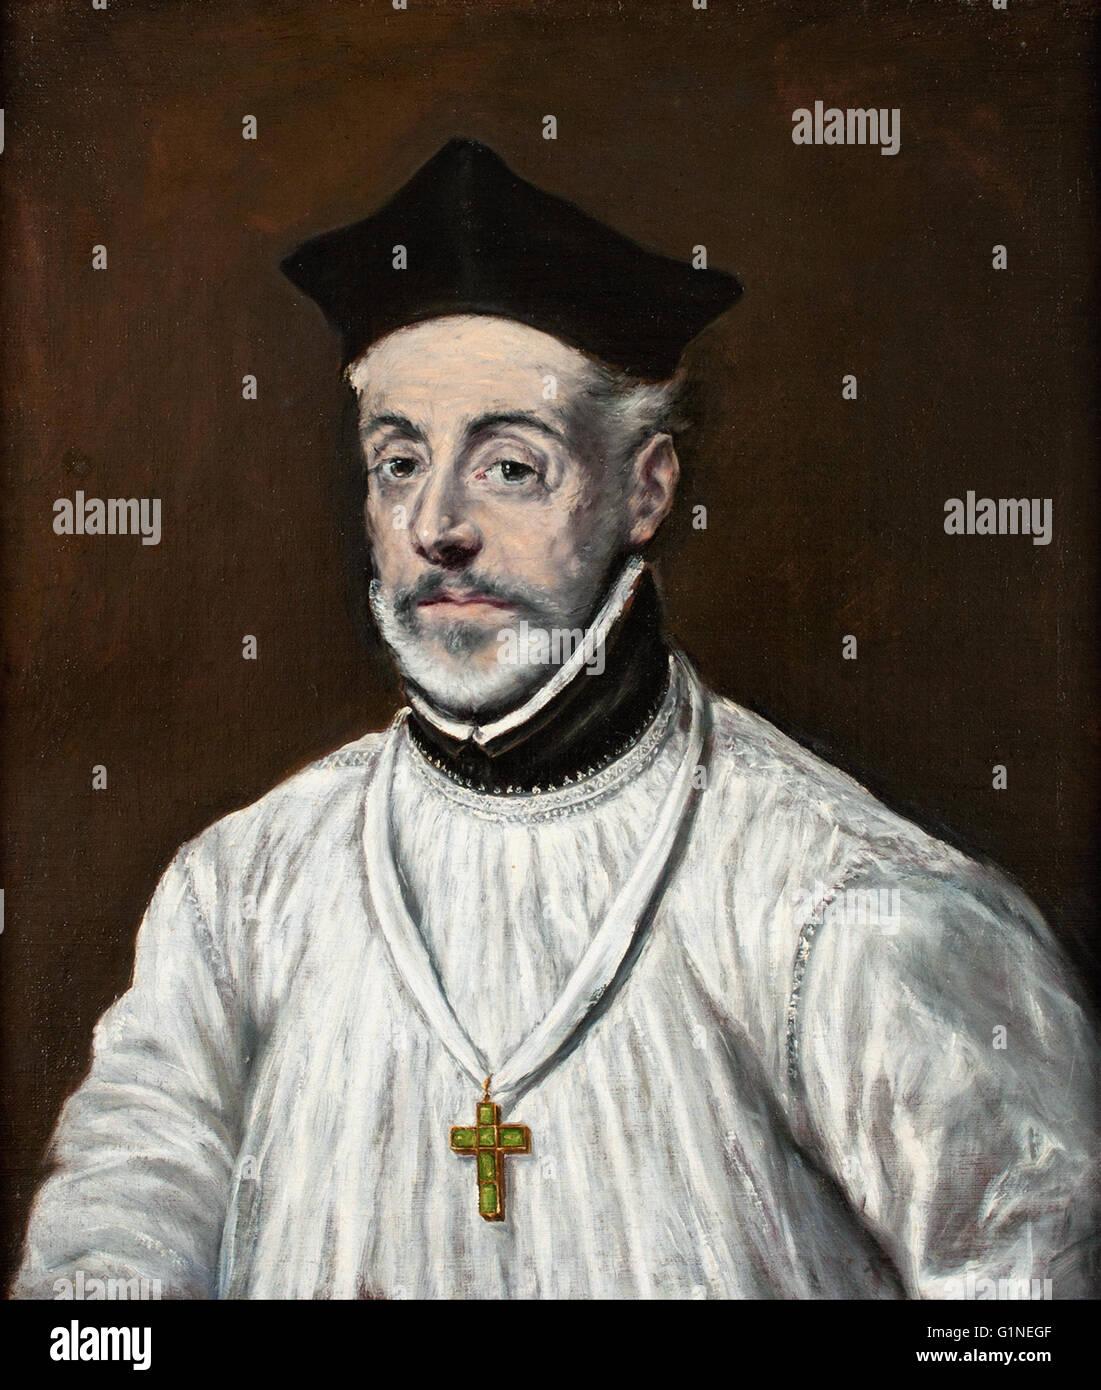 El Greco - Portrait of Diego de Covarrubias y Leiva  - Museo del Greco - Stock Image